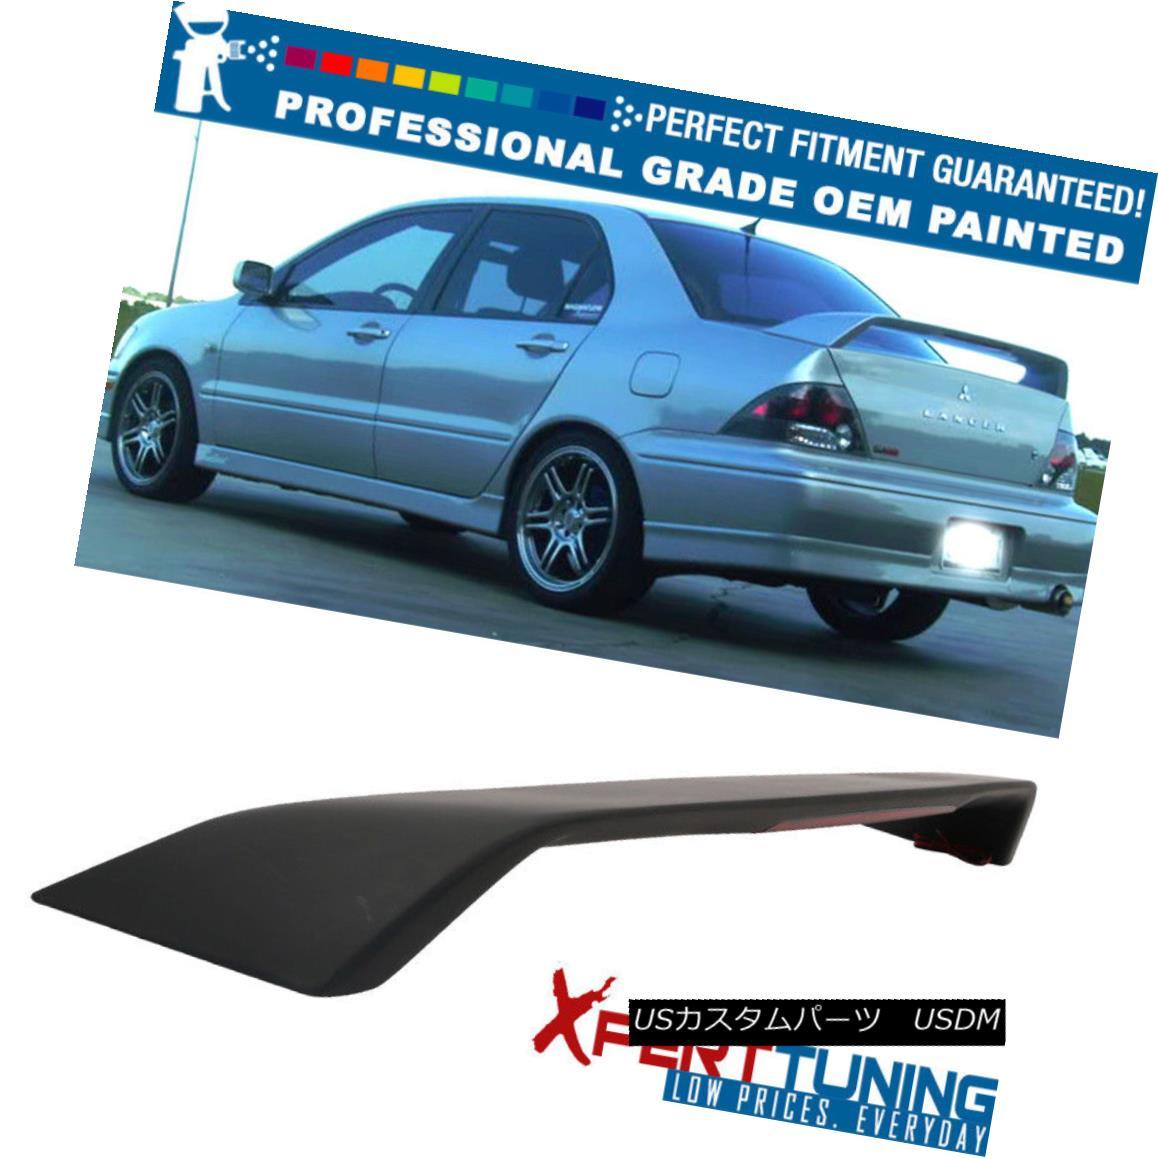 エアロパーツ Fits 02-07 Mitsubishi Lancer OE Factory ABS Trunk Spoiler - OEM Painted Color フィット02-07三菱ランサーOE工場ABSトランクスポイラー - OEM塗装色